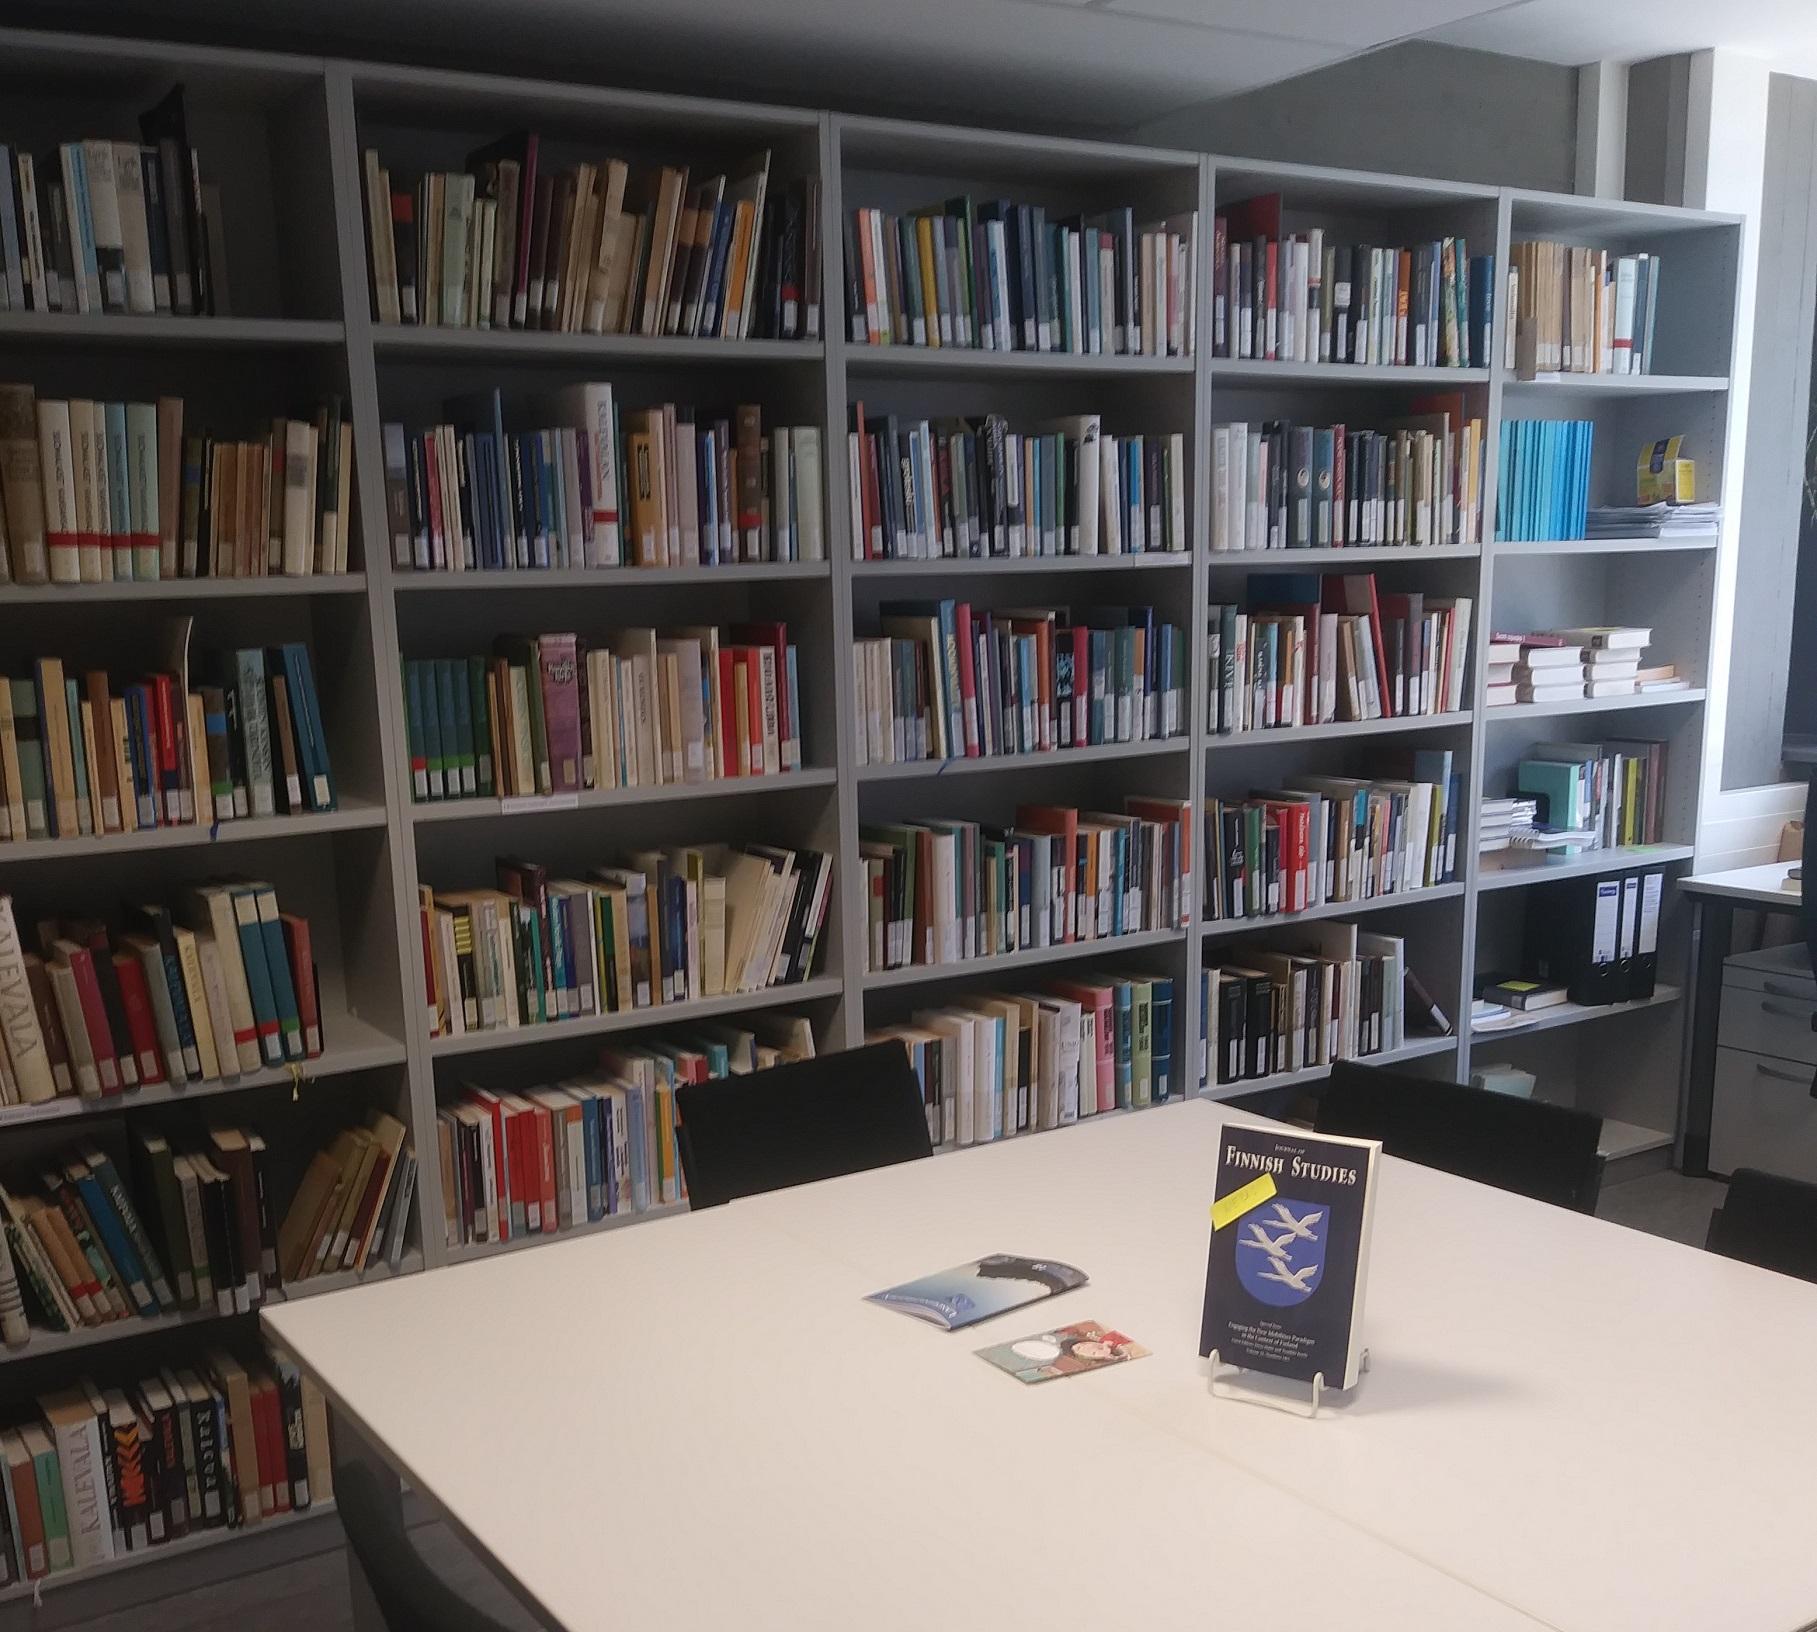 Bibliothek am Institut für Fennistik an der Uni Köln